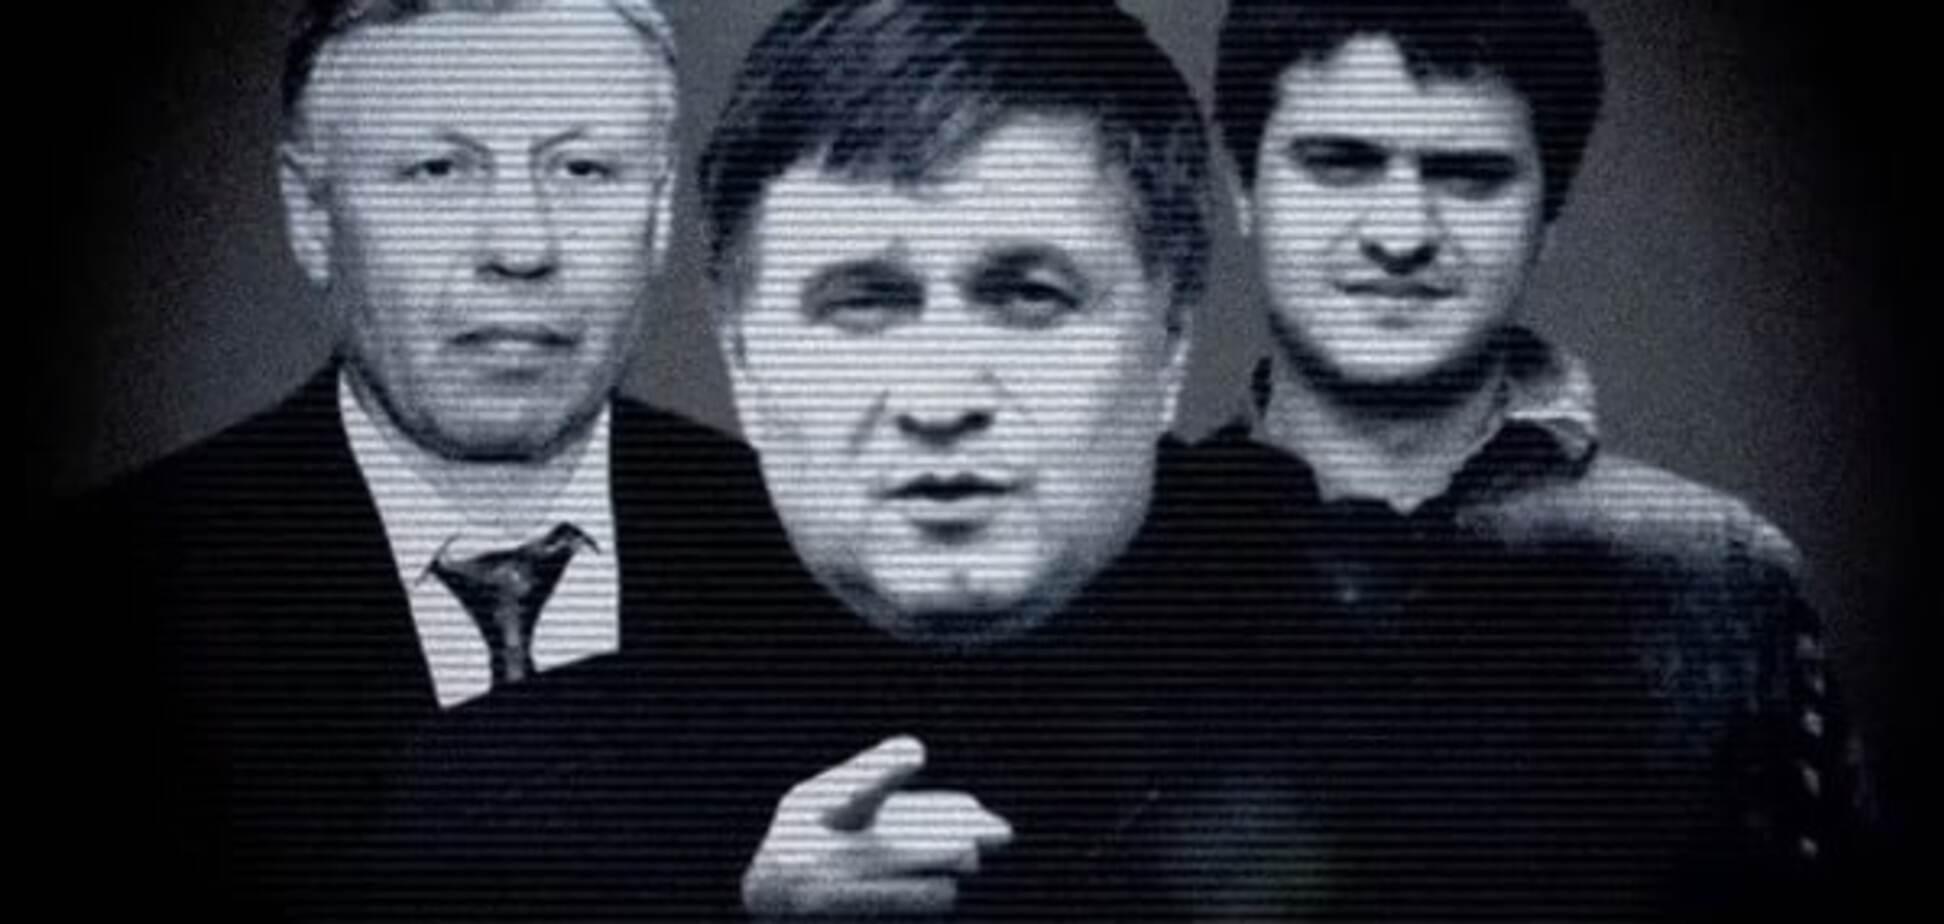 Сына Авакова уличили в коррупции: все подробности скандала в МВД